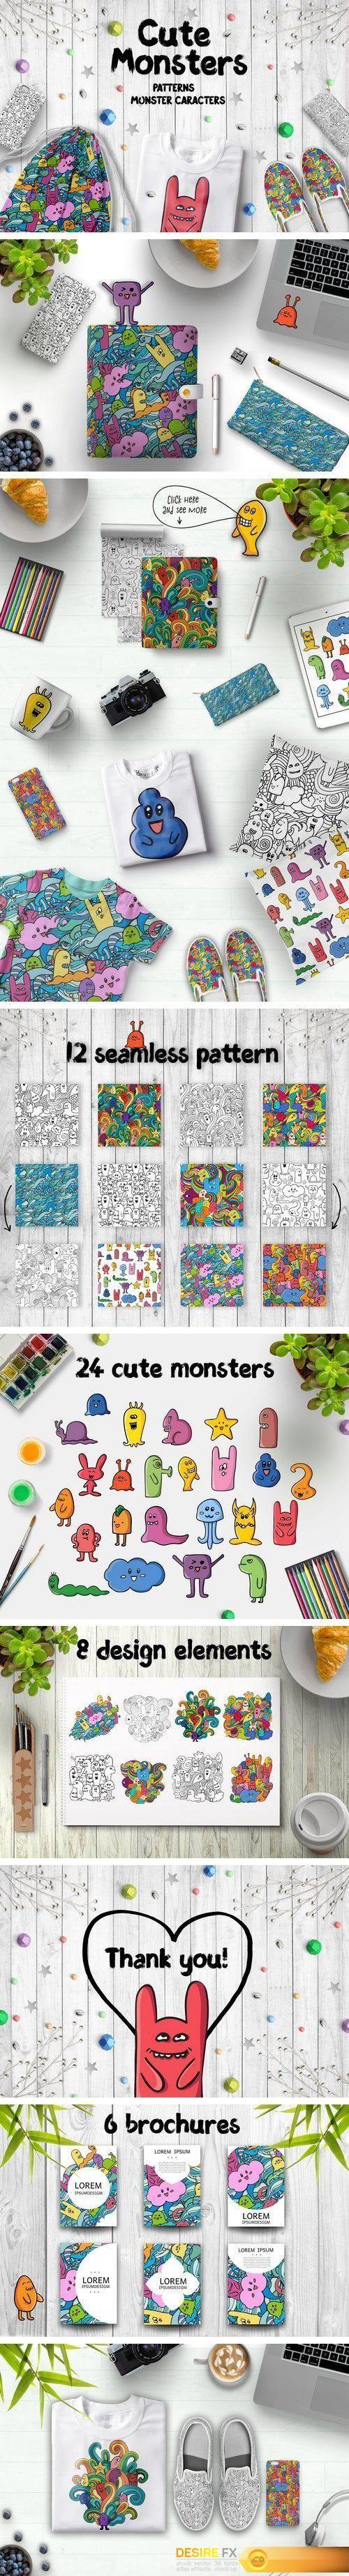 CM - Cute Monsters 1916349 | psd keys | Cute monsters